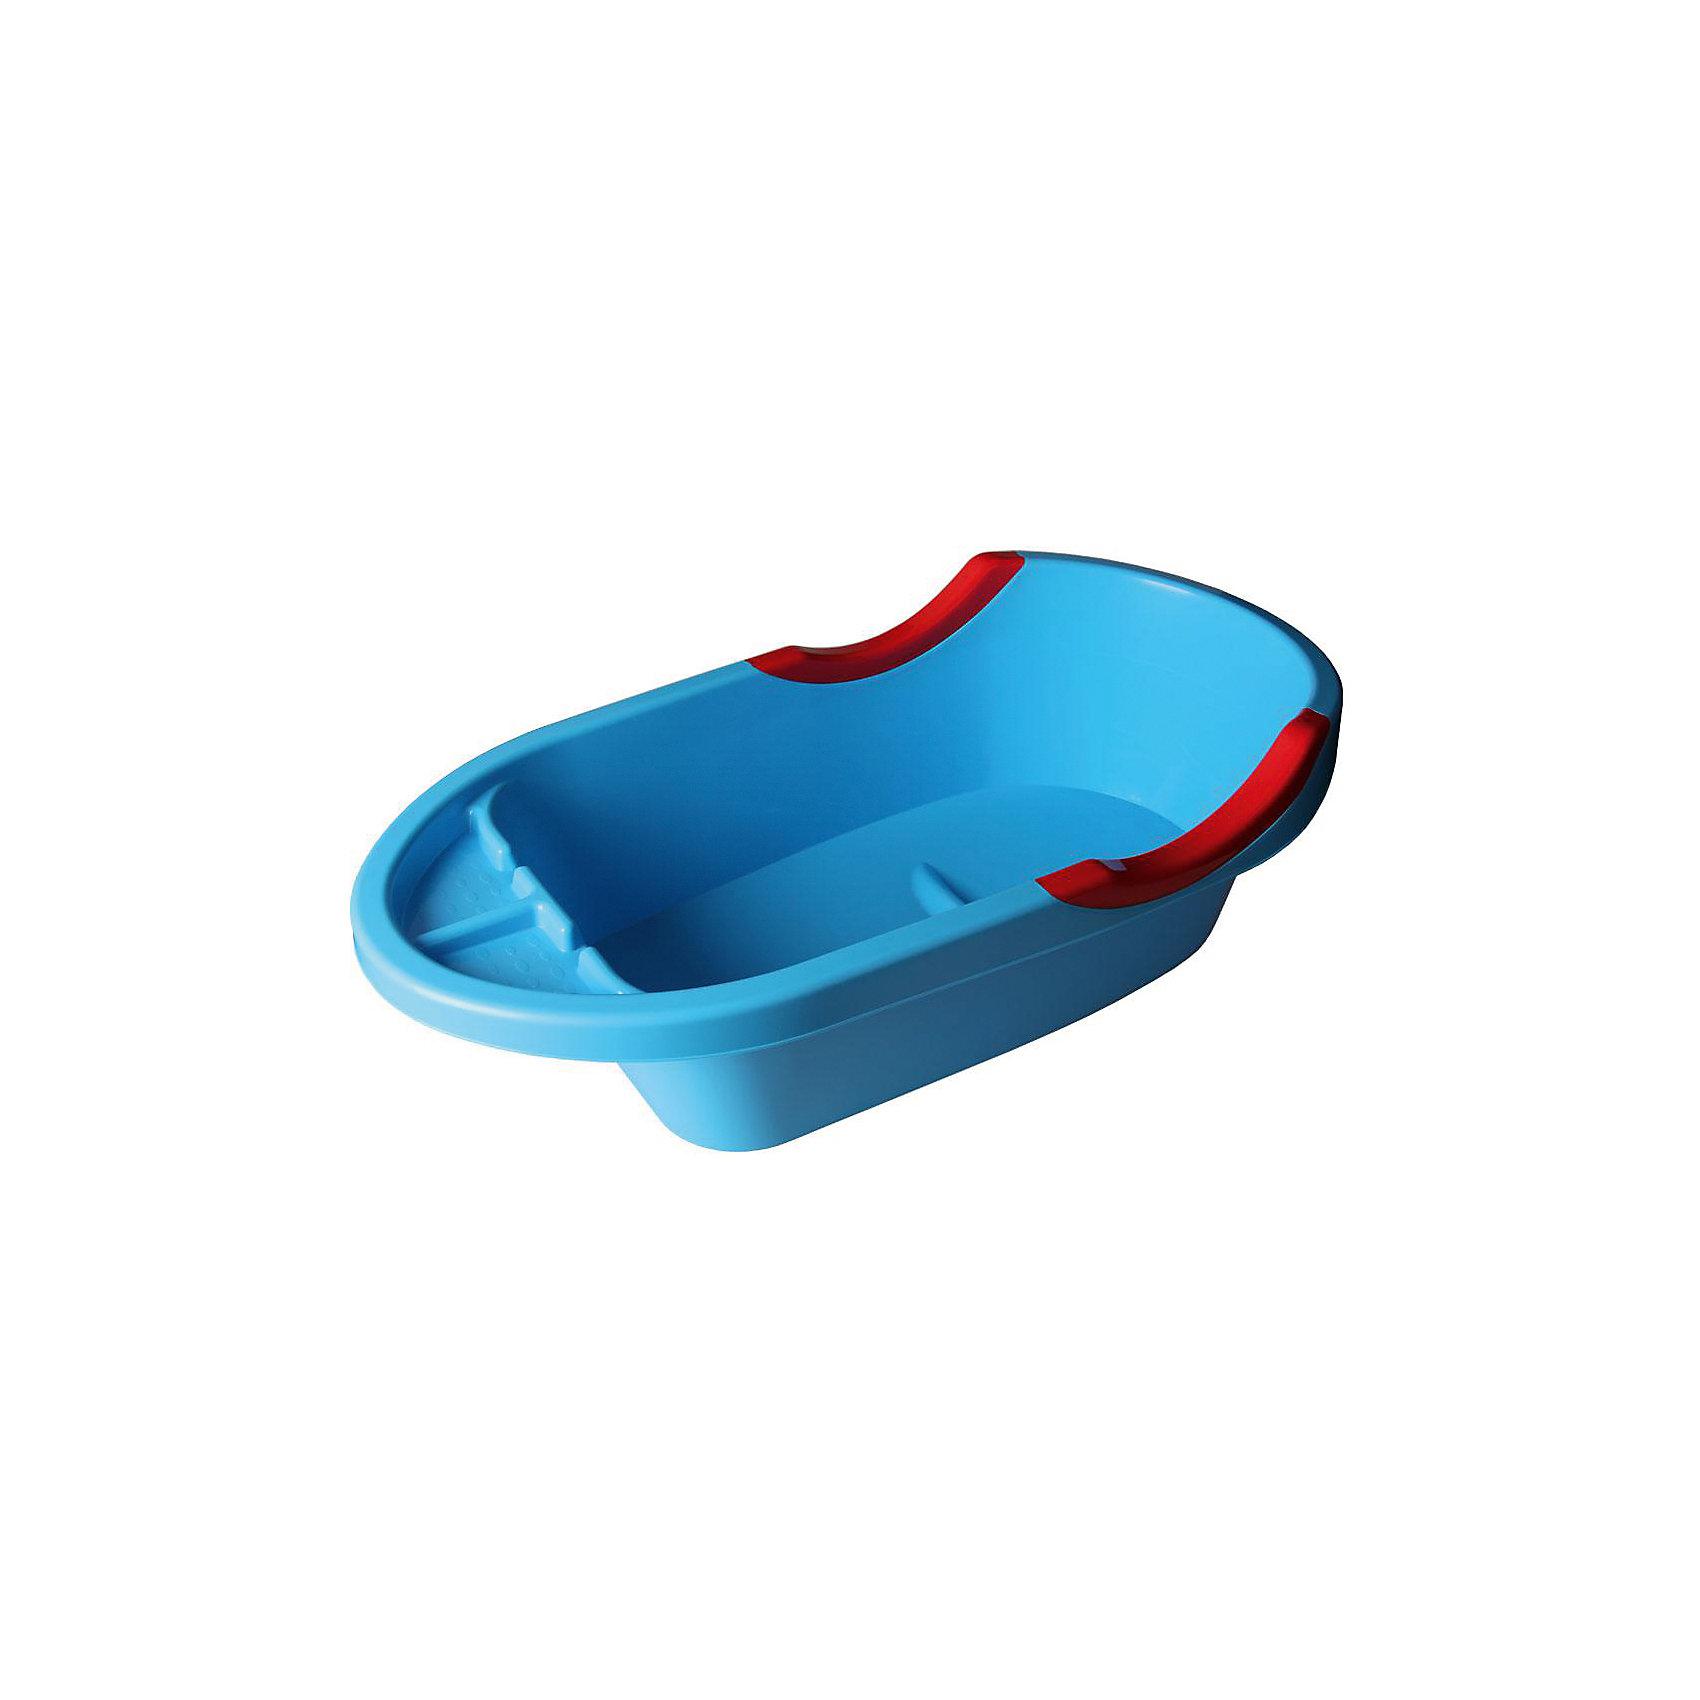 Ванна детская большая Малышок люкс ,  Alternativa, син.Ванны, горки, сиденья<br>Малышок люкс - объемная ванночка для детей. Благодаря большому размеру, в ванне можно купать и новорожденных, и подросших малышей, умеющих сидеть. С одной стороны ванночки есть удобная подставка для шампуня, пенки или игрушек. Дно оснащено выступом в форме сидения. Бортики имеют углубления для ручек крохи. Такую практичную ванночку по достоинству оценят и малыши, и взрослые! <br><br>Дополнительная информация:<br>Цвет: синий<br>Размер: 90,4х47,5х25,5 см<br><br>Большую детскую ванну Малышок люкс можно приобрести в нашем интернет-магазине.<br><br>Ширина мм: 904<br>Глубина мм: 475<br>Высота мм: 255<br>Вес г: 1392<br>Возраст от месяцев: 0<br>Возраст до месяцев: 6<br>Пол: Унисекс<br>Возраст: Детский<br>SKU: 4979675